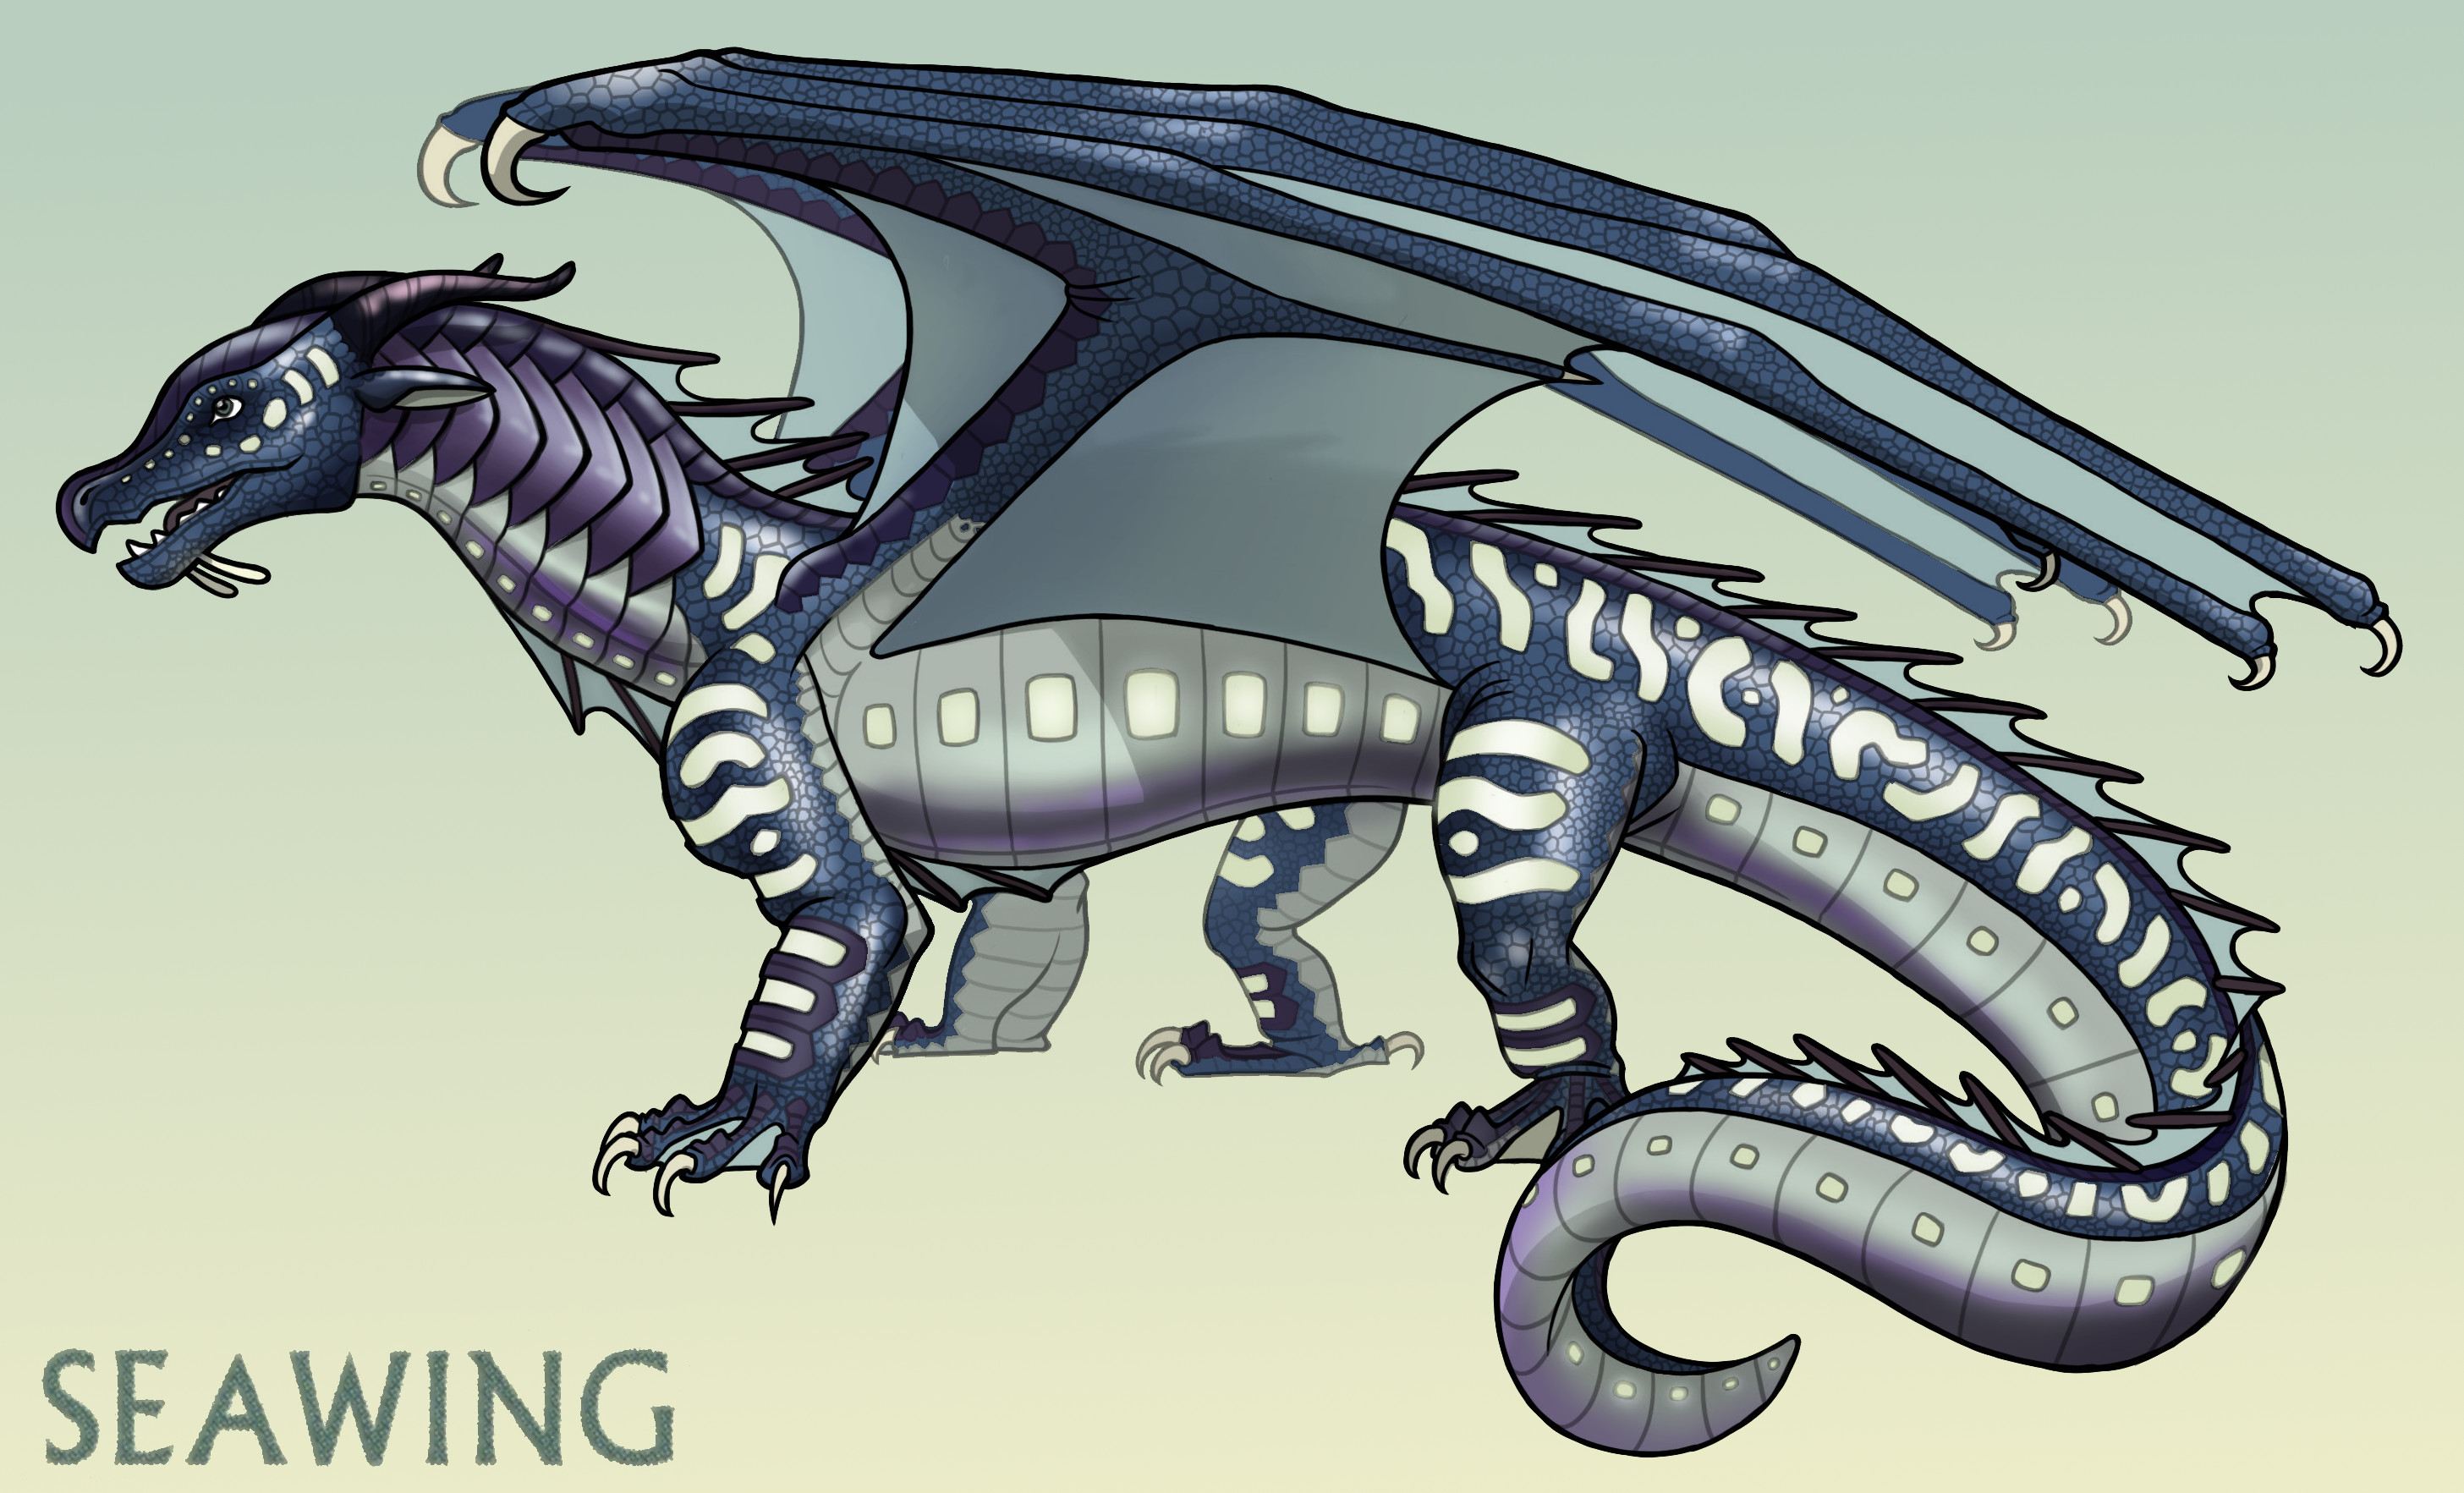 prince cerulean wings of fire wiki fandom powered by wikia